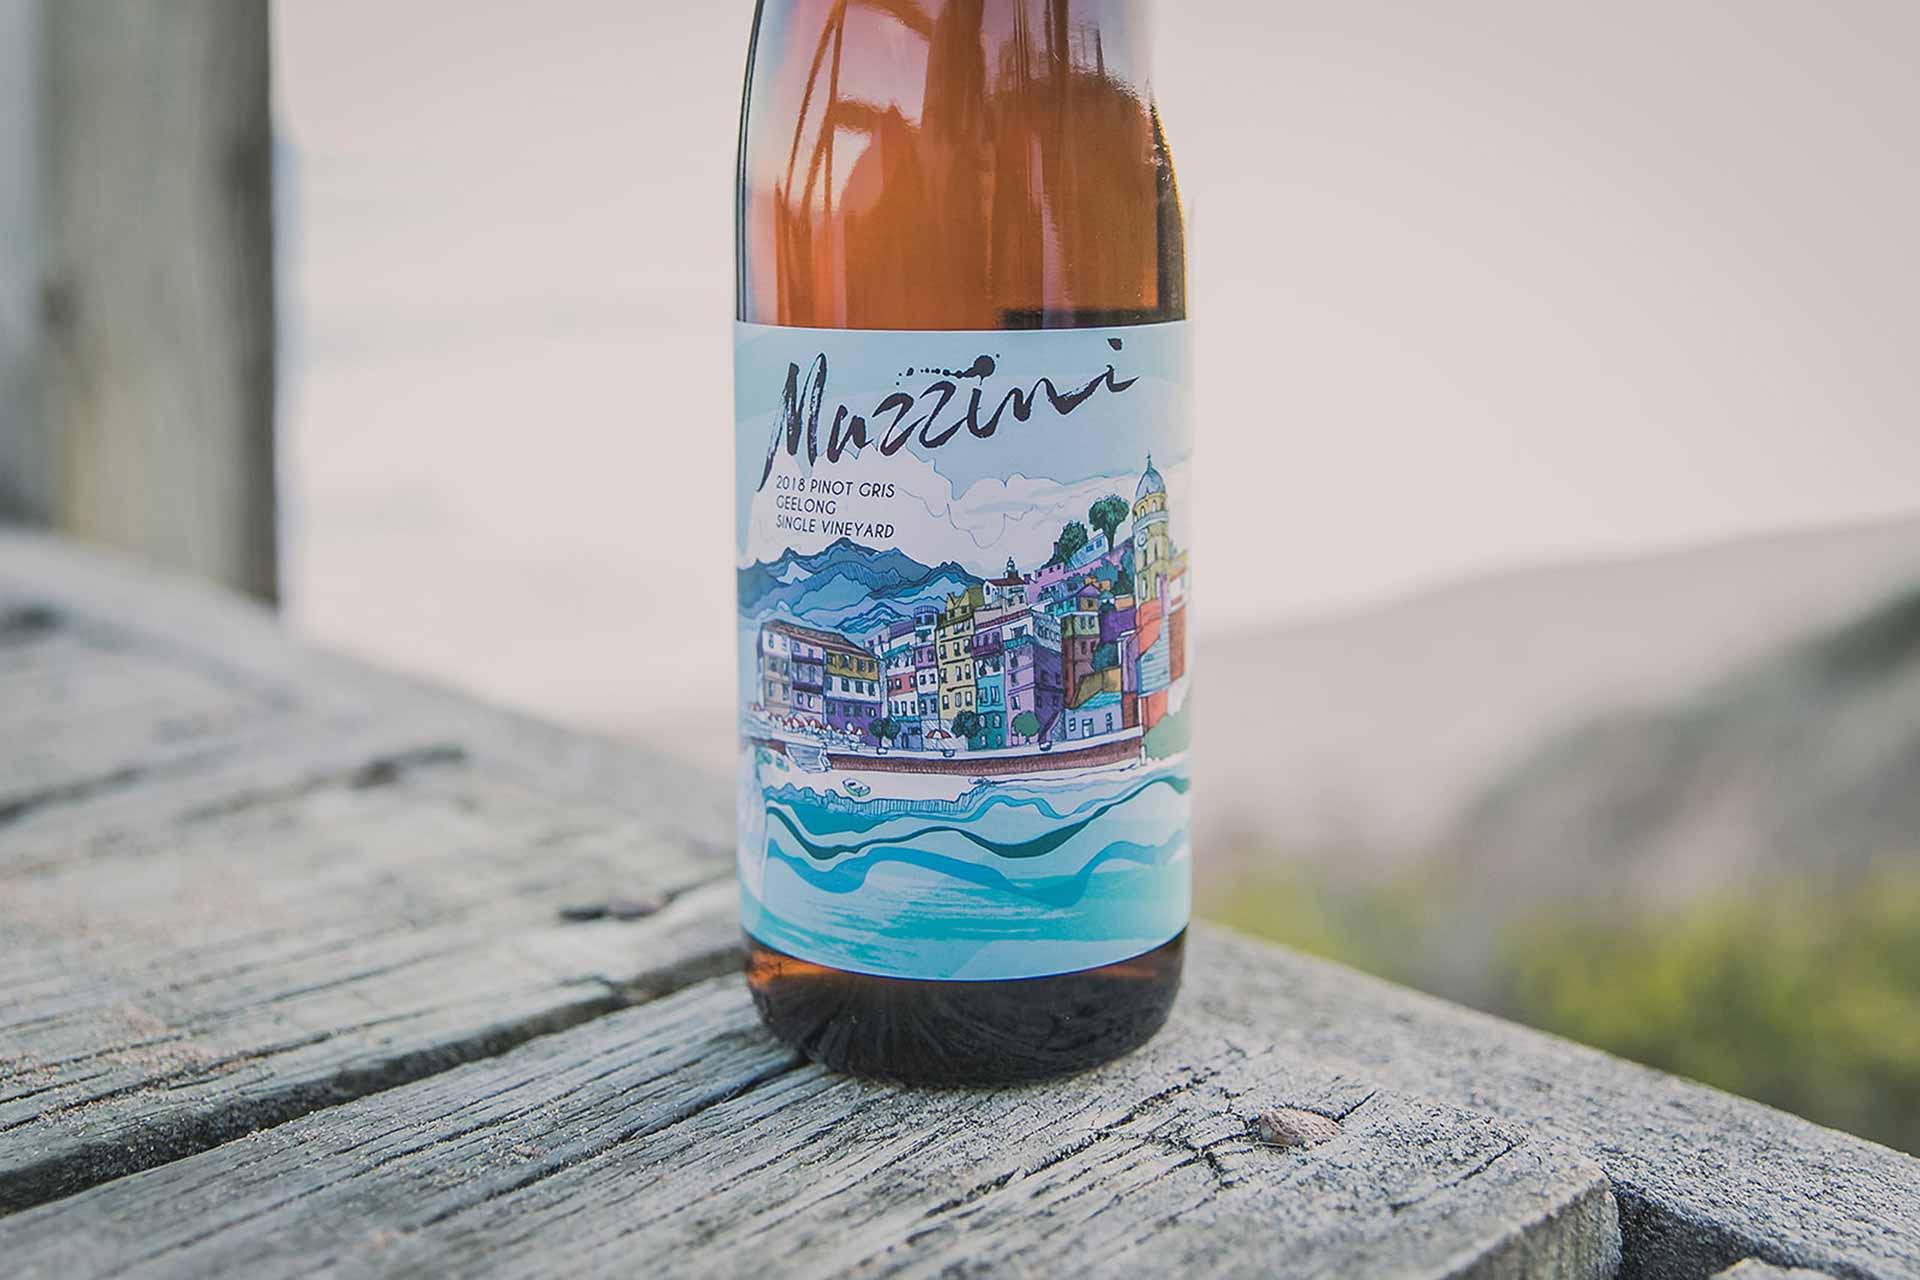 Mazzini Wines